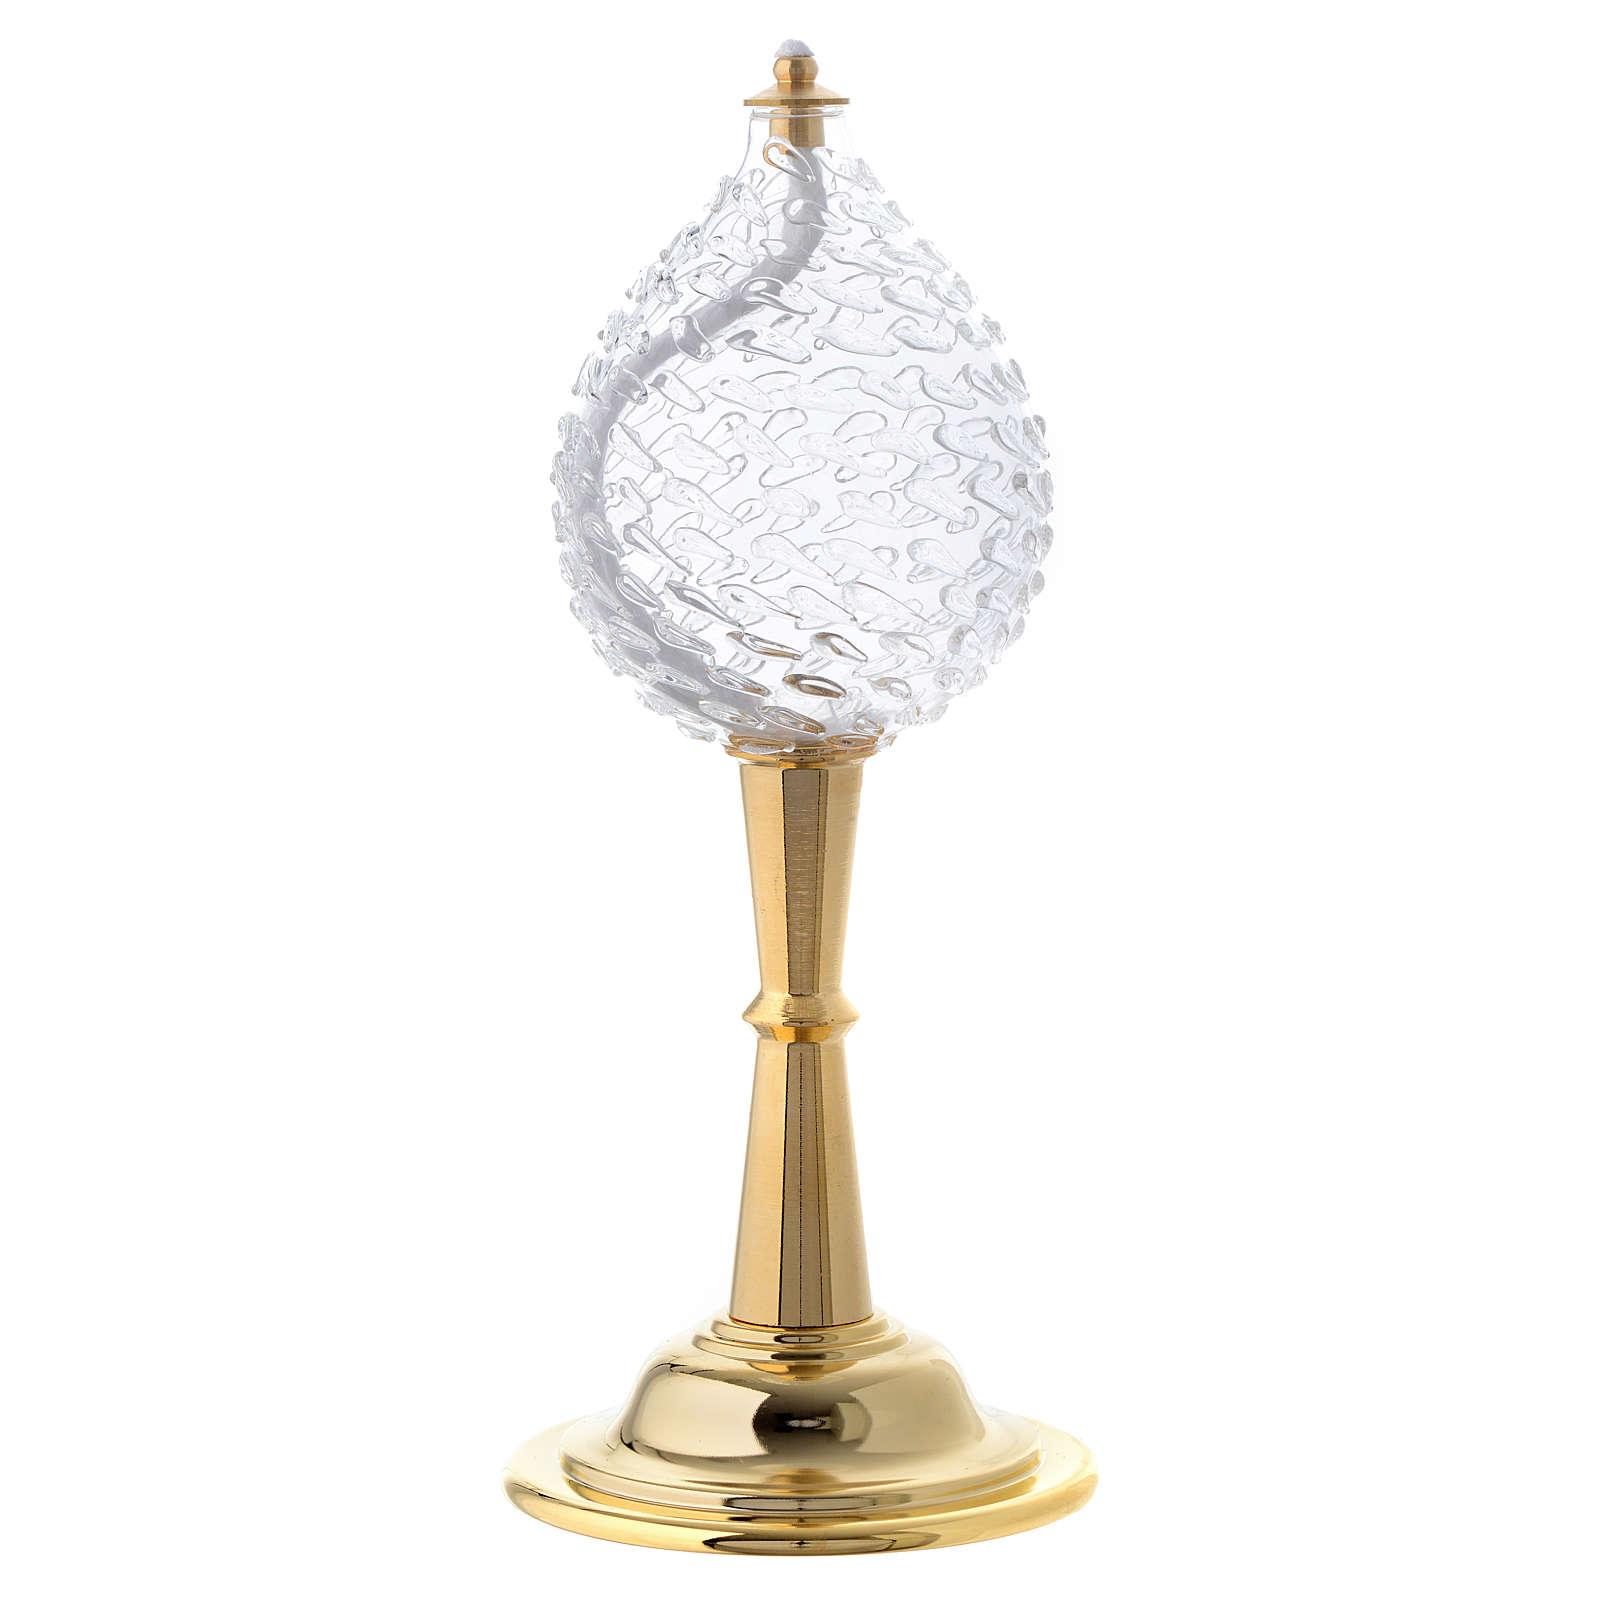 Lámpara cera líquida vidrio texturado con pie de latón 3